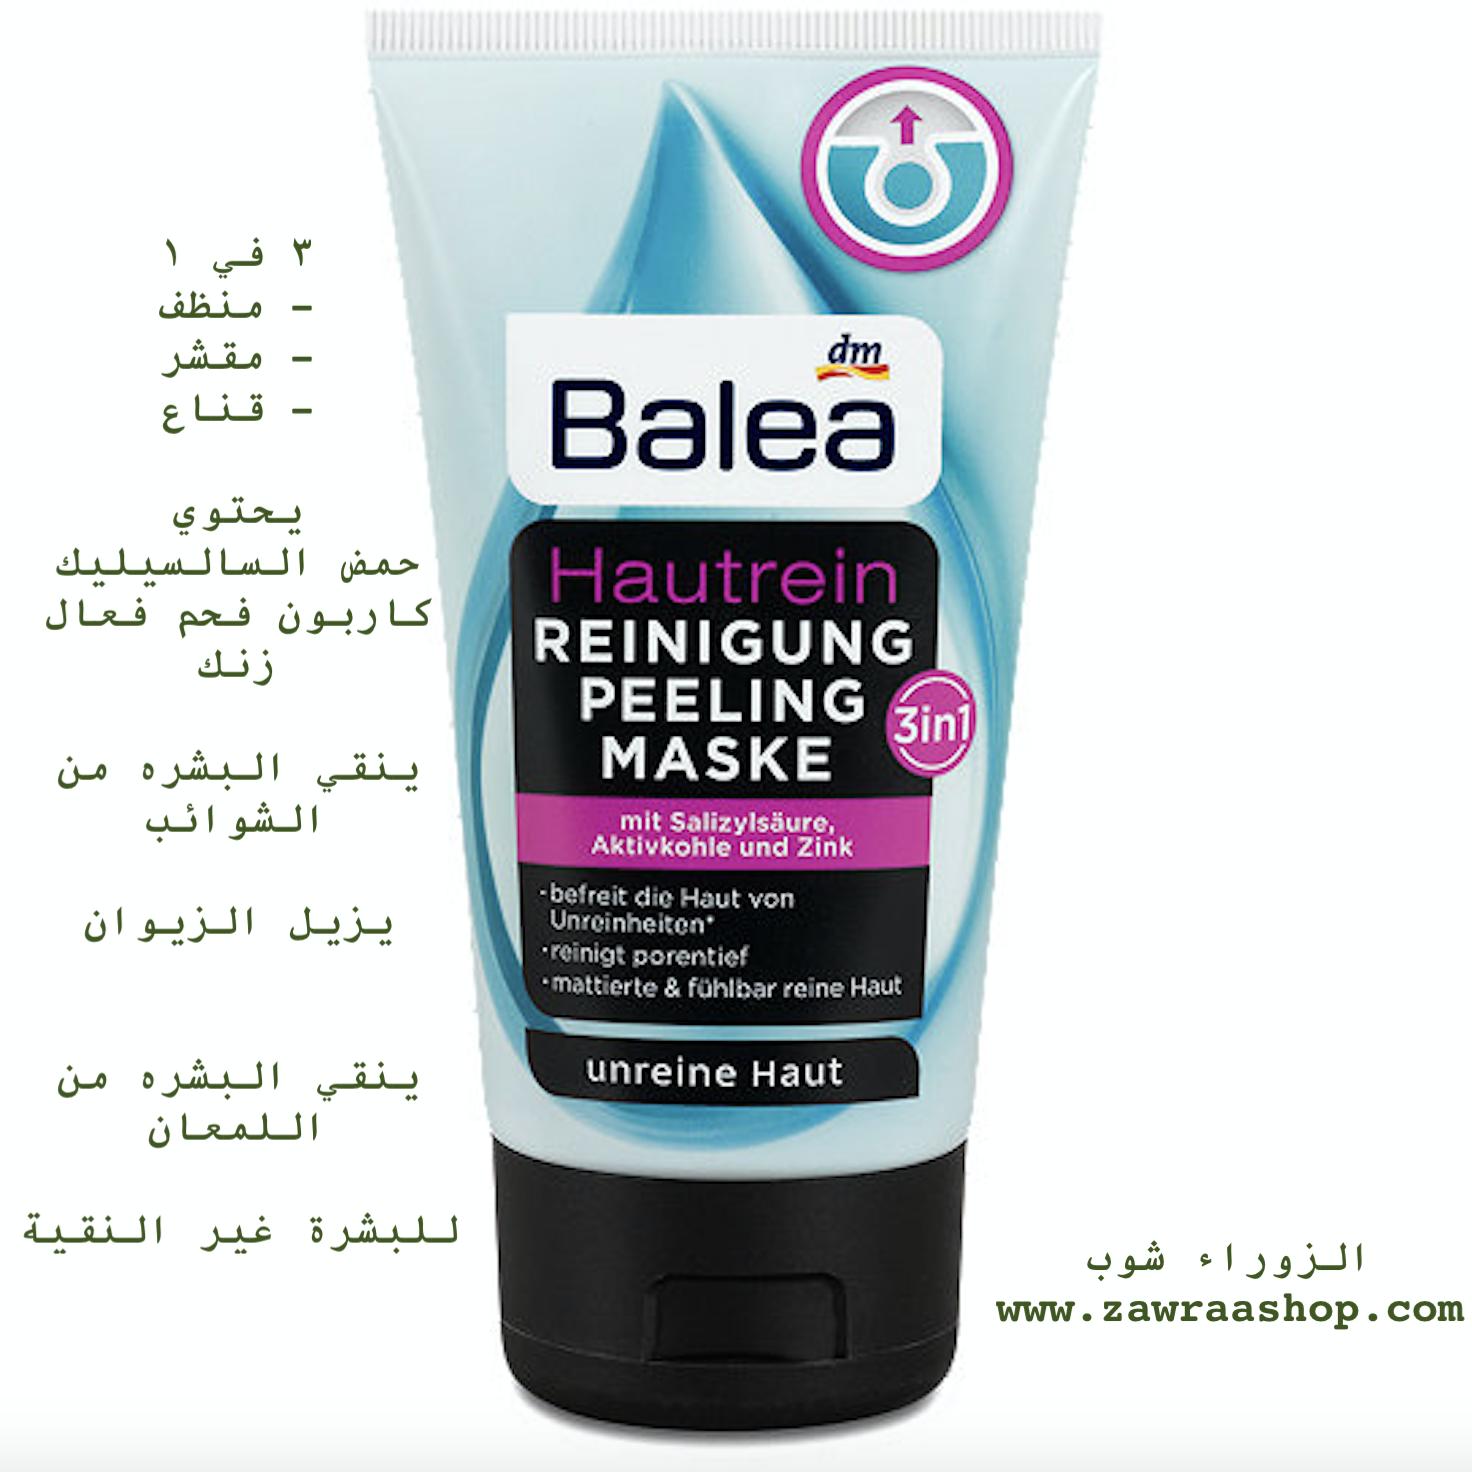 B301 Hautrein reinigung peeling maske 3in1 150ml غسول وجه ٣ في ١ فحمي 00424